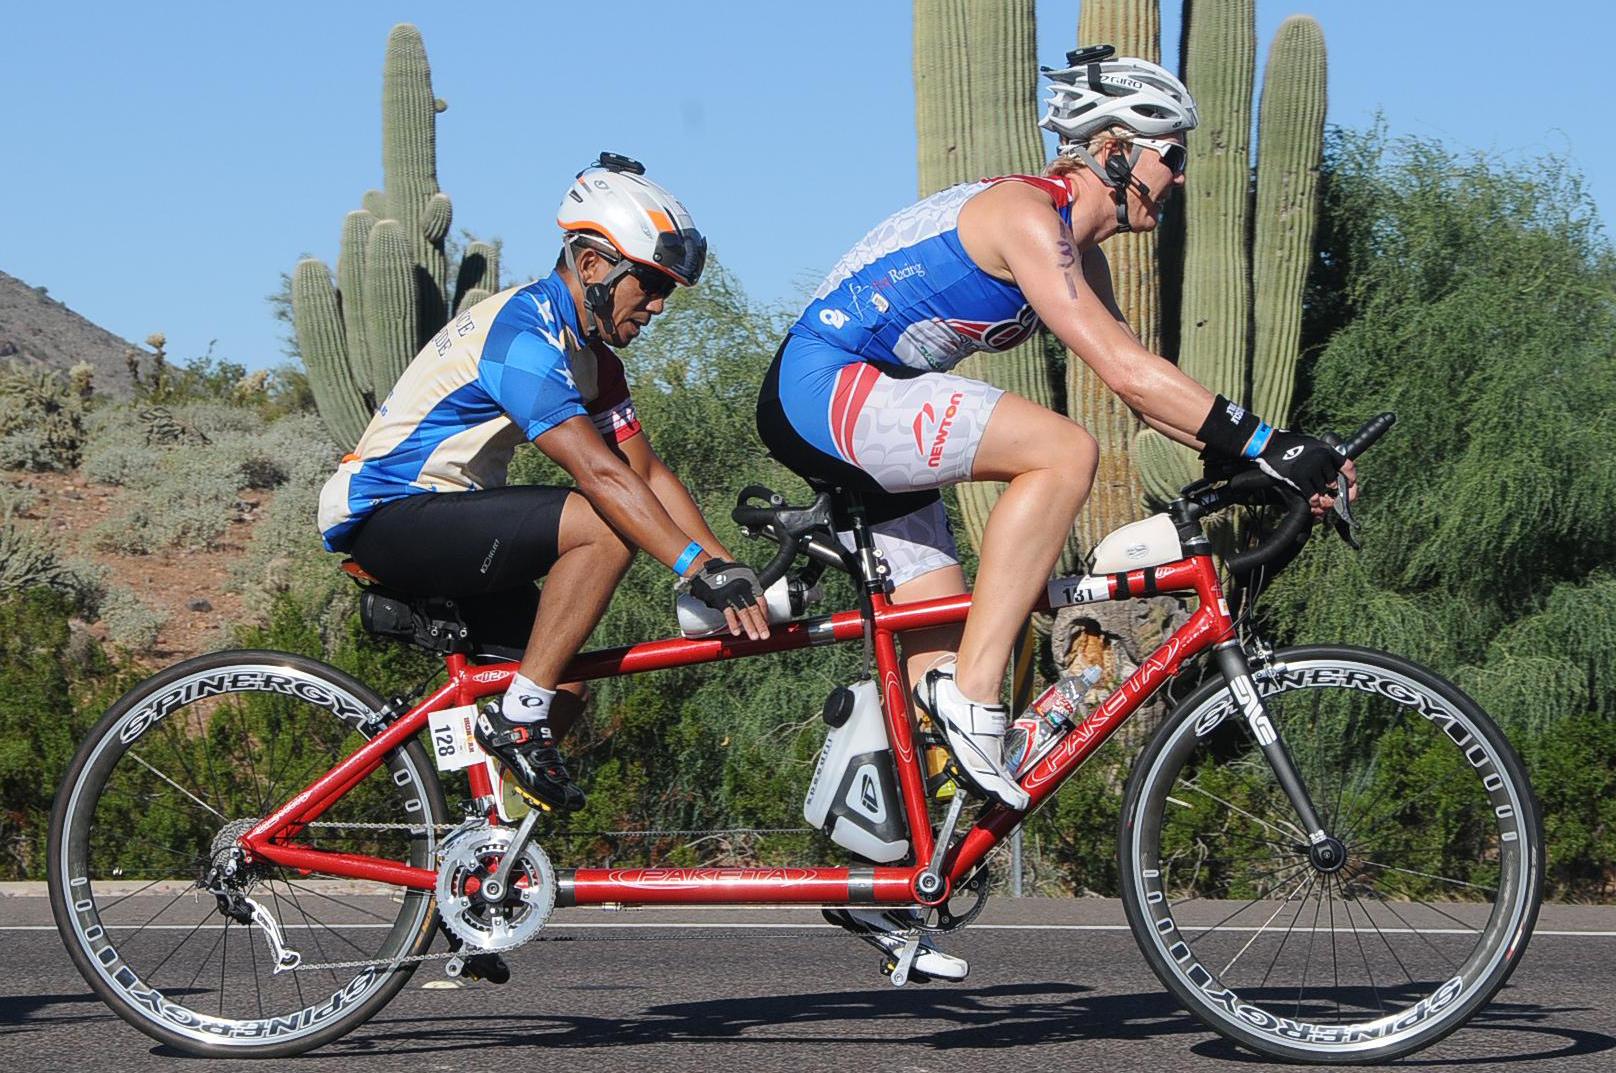 Biking Ironman